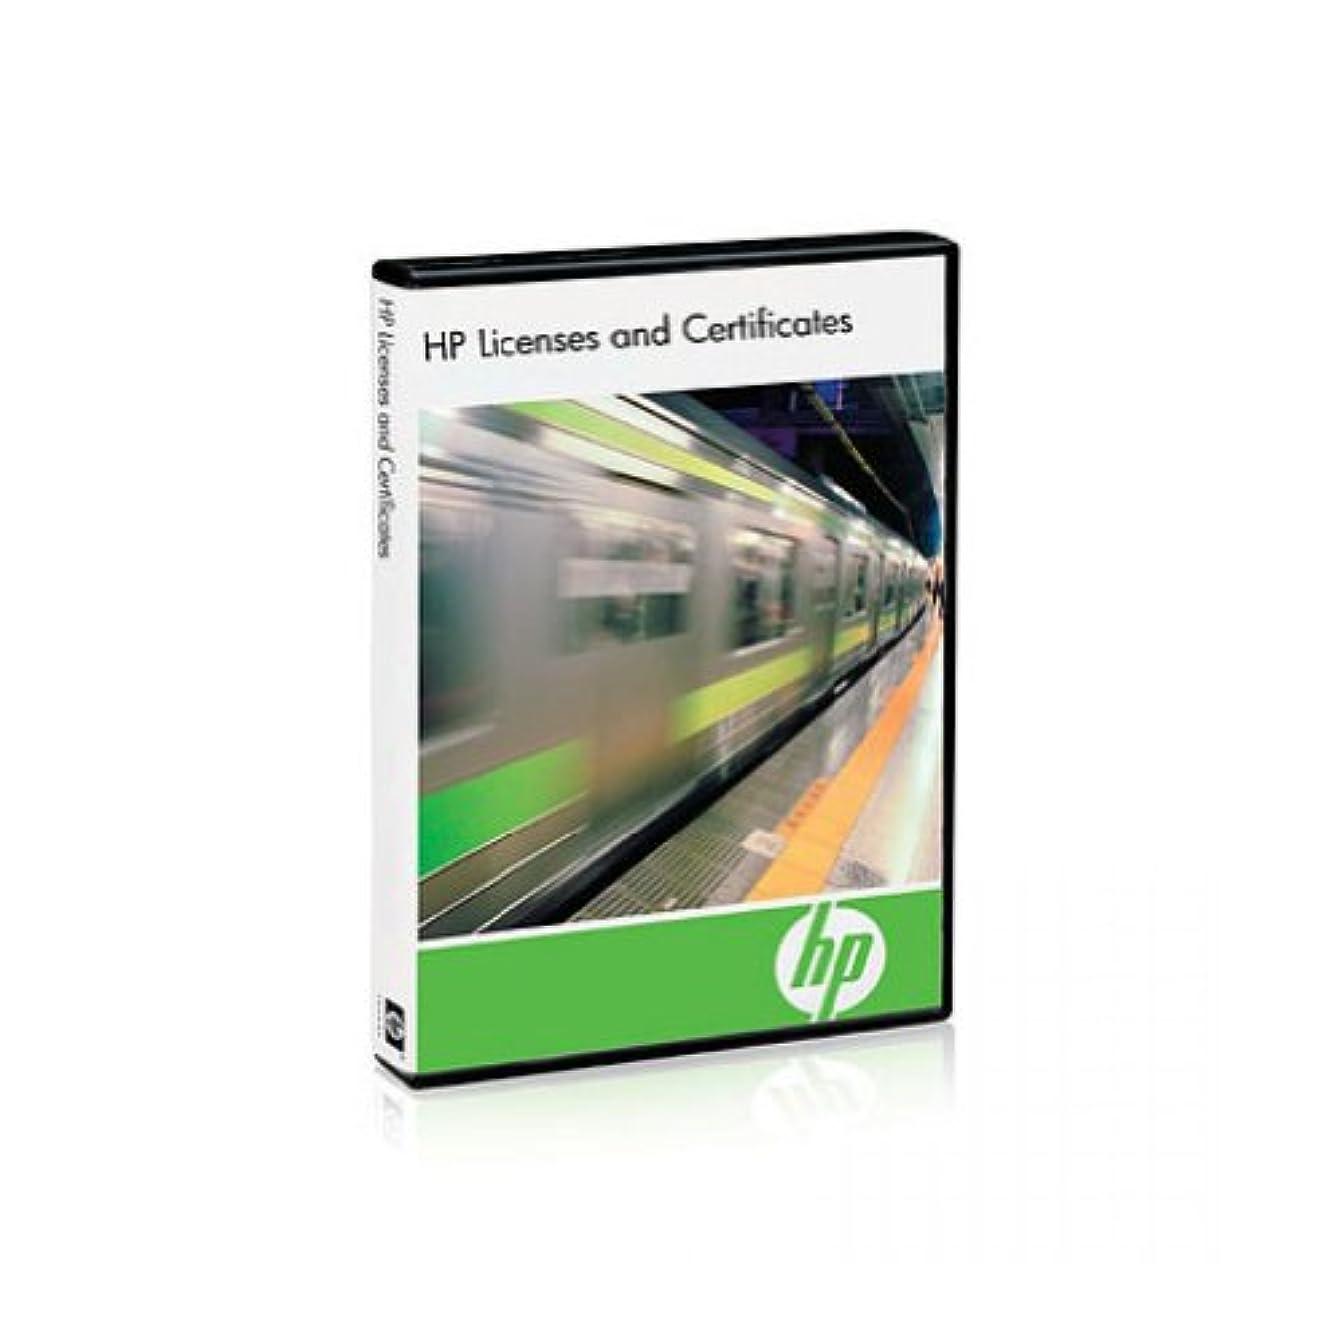 任命する移行するラックHPE Insight Control - License + 1 Year 24x7 Support - 1 server - Smart Buy - Linux, Win